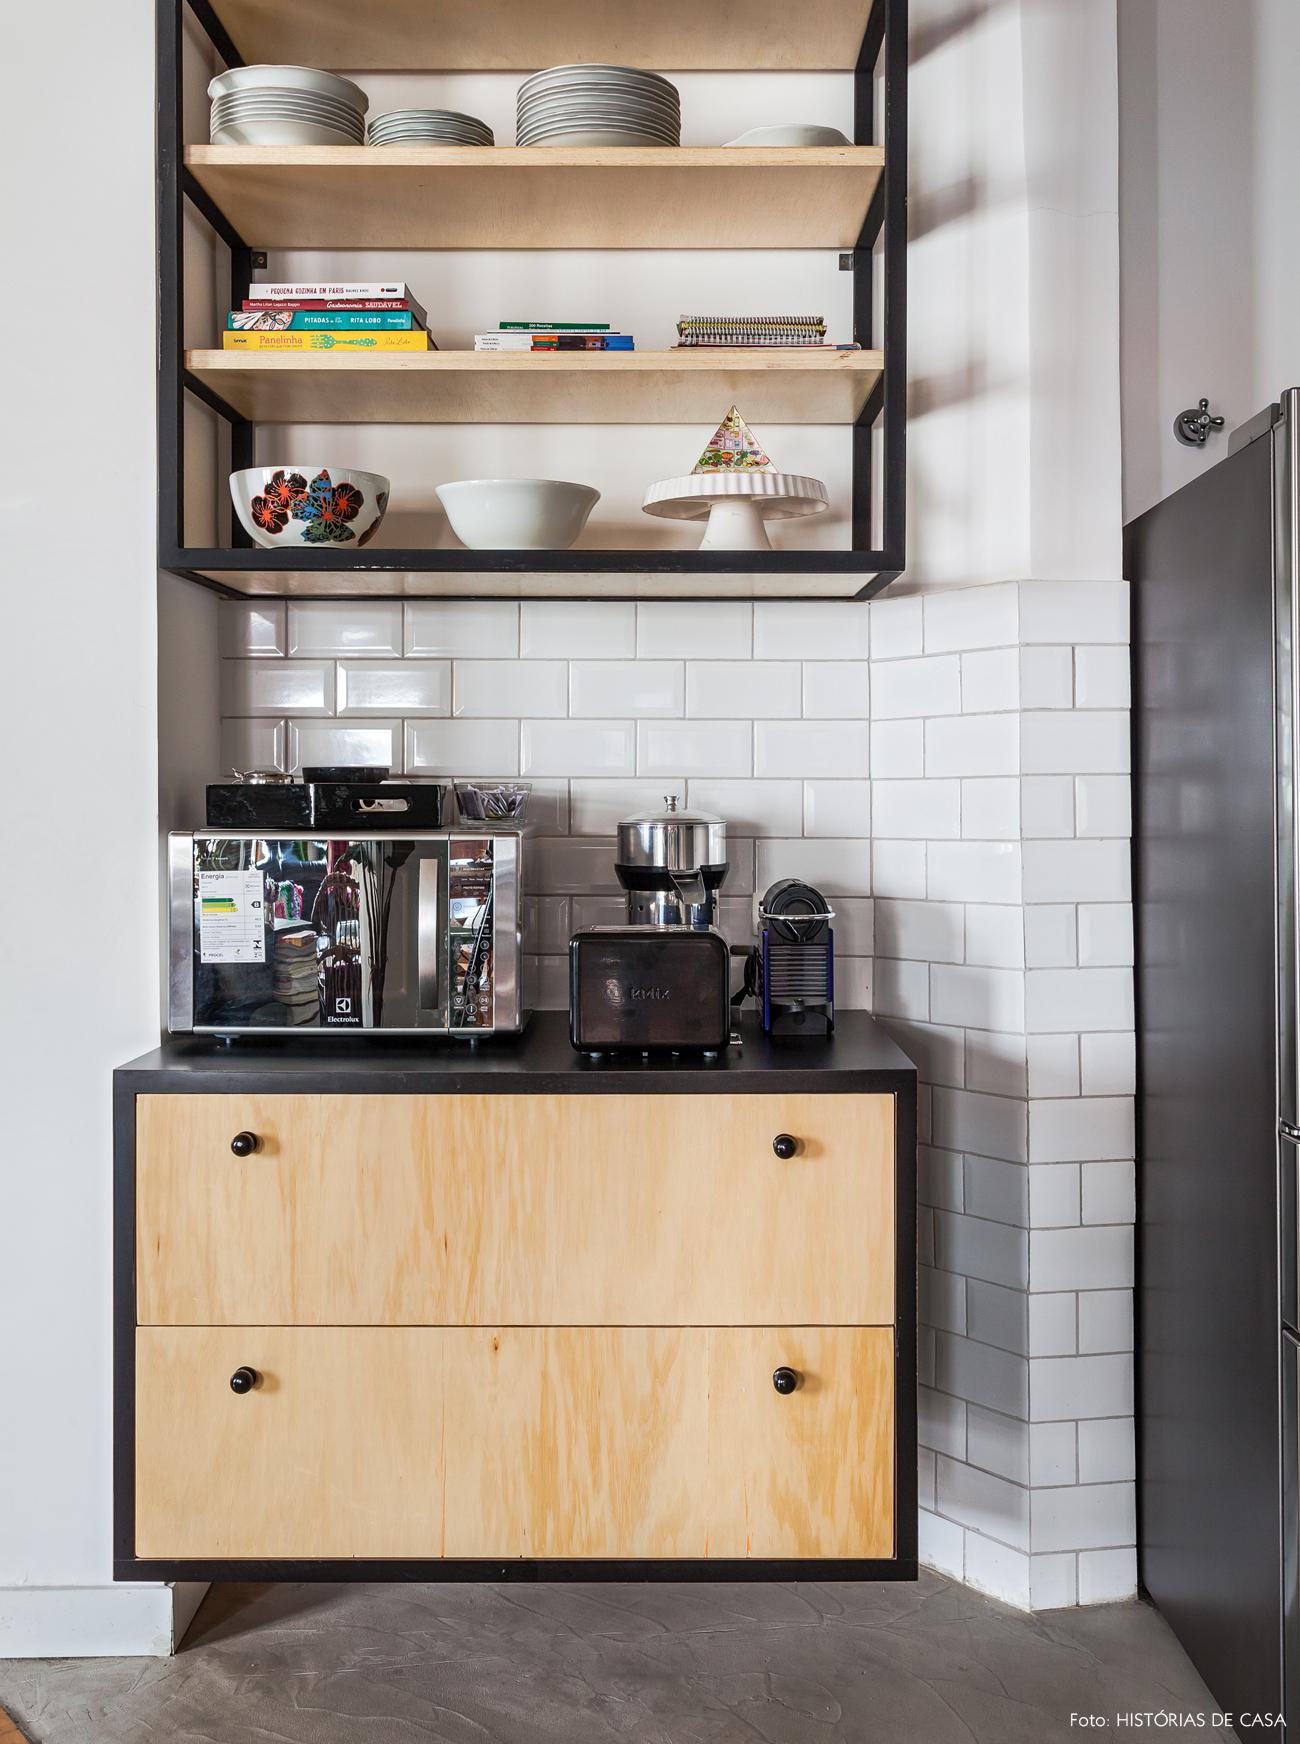 37-decoracao-cozinha-integrada-armario-prateleiras-abertas